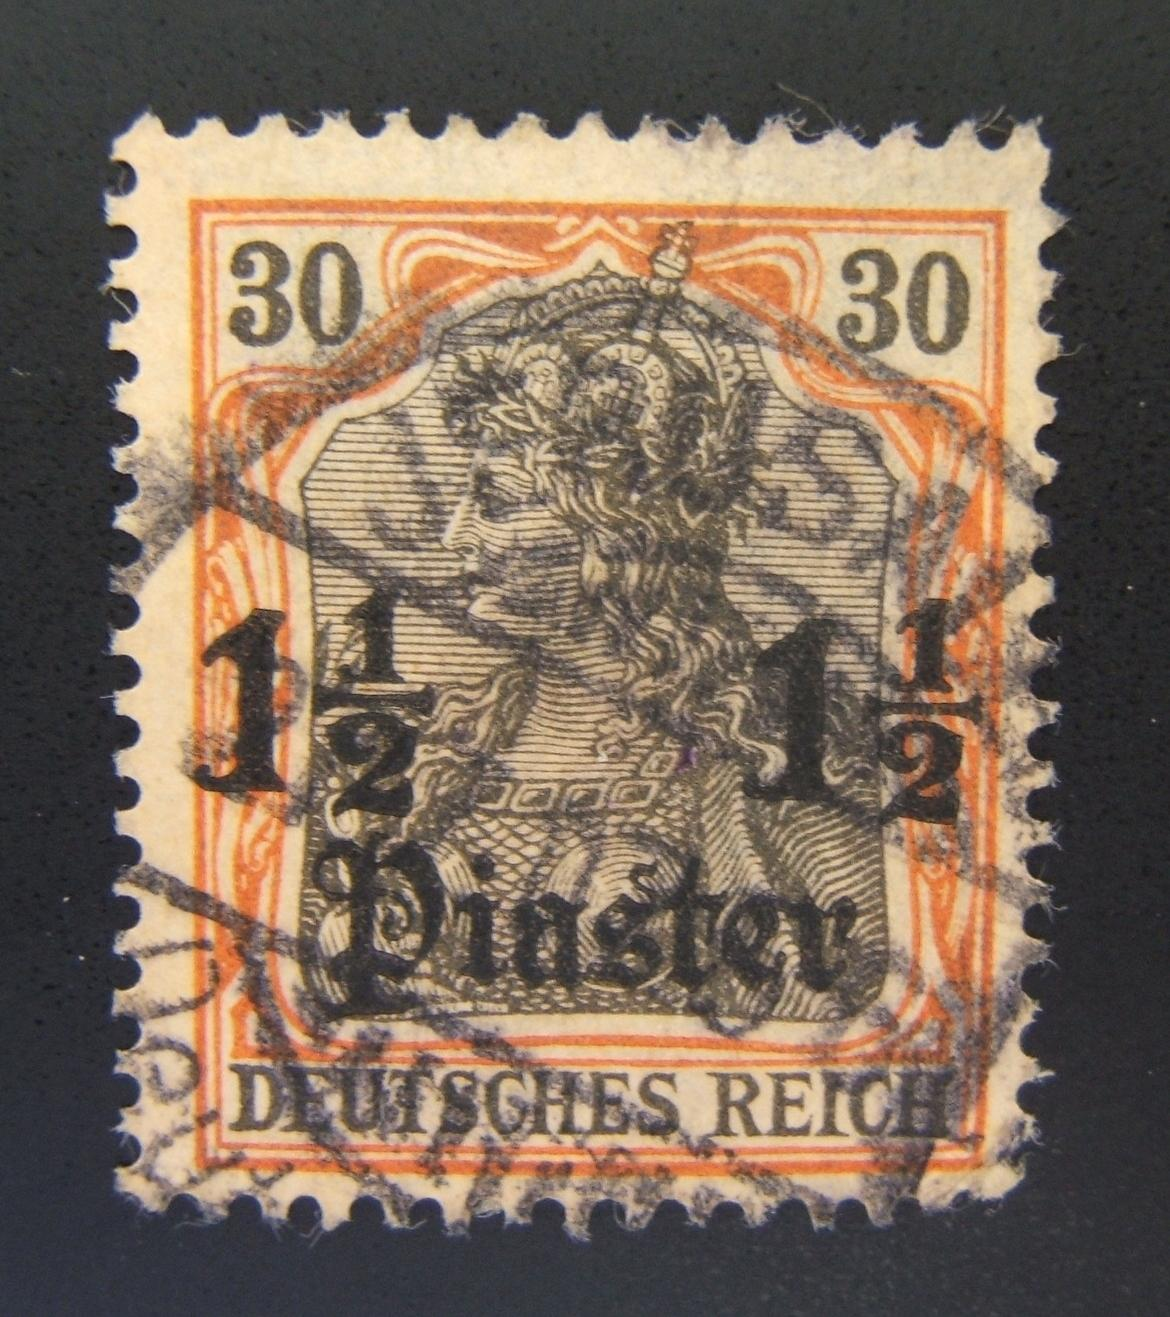 German Holyland Post: 1905 Deutsches Reich 1 1/2Pia on 30pf w/o wmk; Jer. pmk G-2 Ba 405